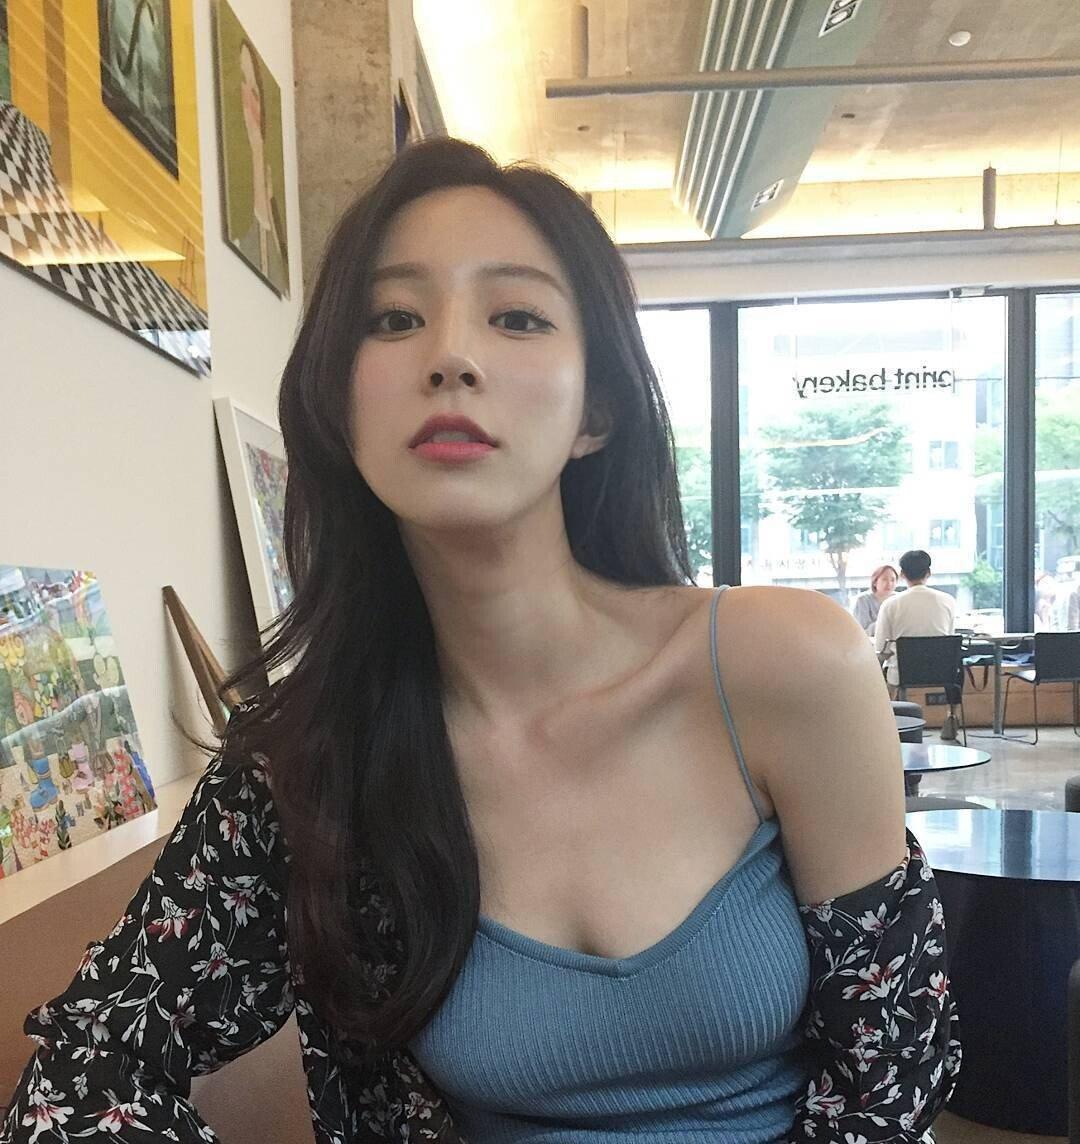 김보라10.jpg 모델 김보라